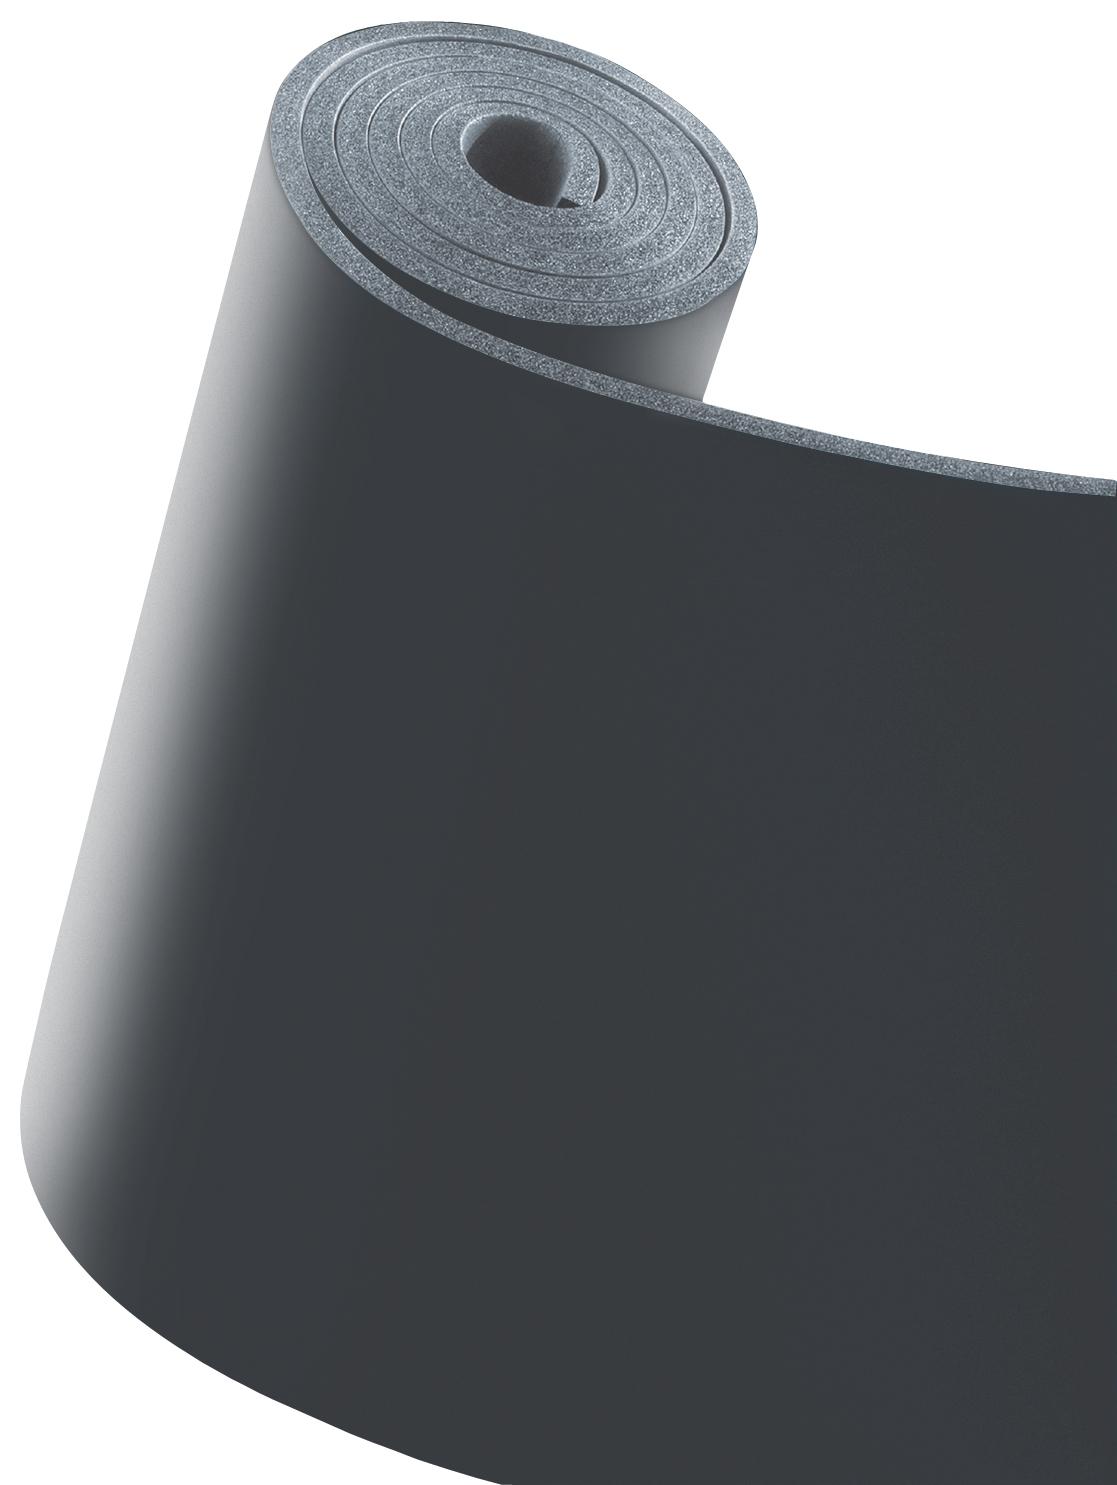 Рулон K-Flex ST толщина 10мм